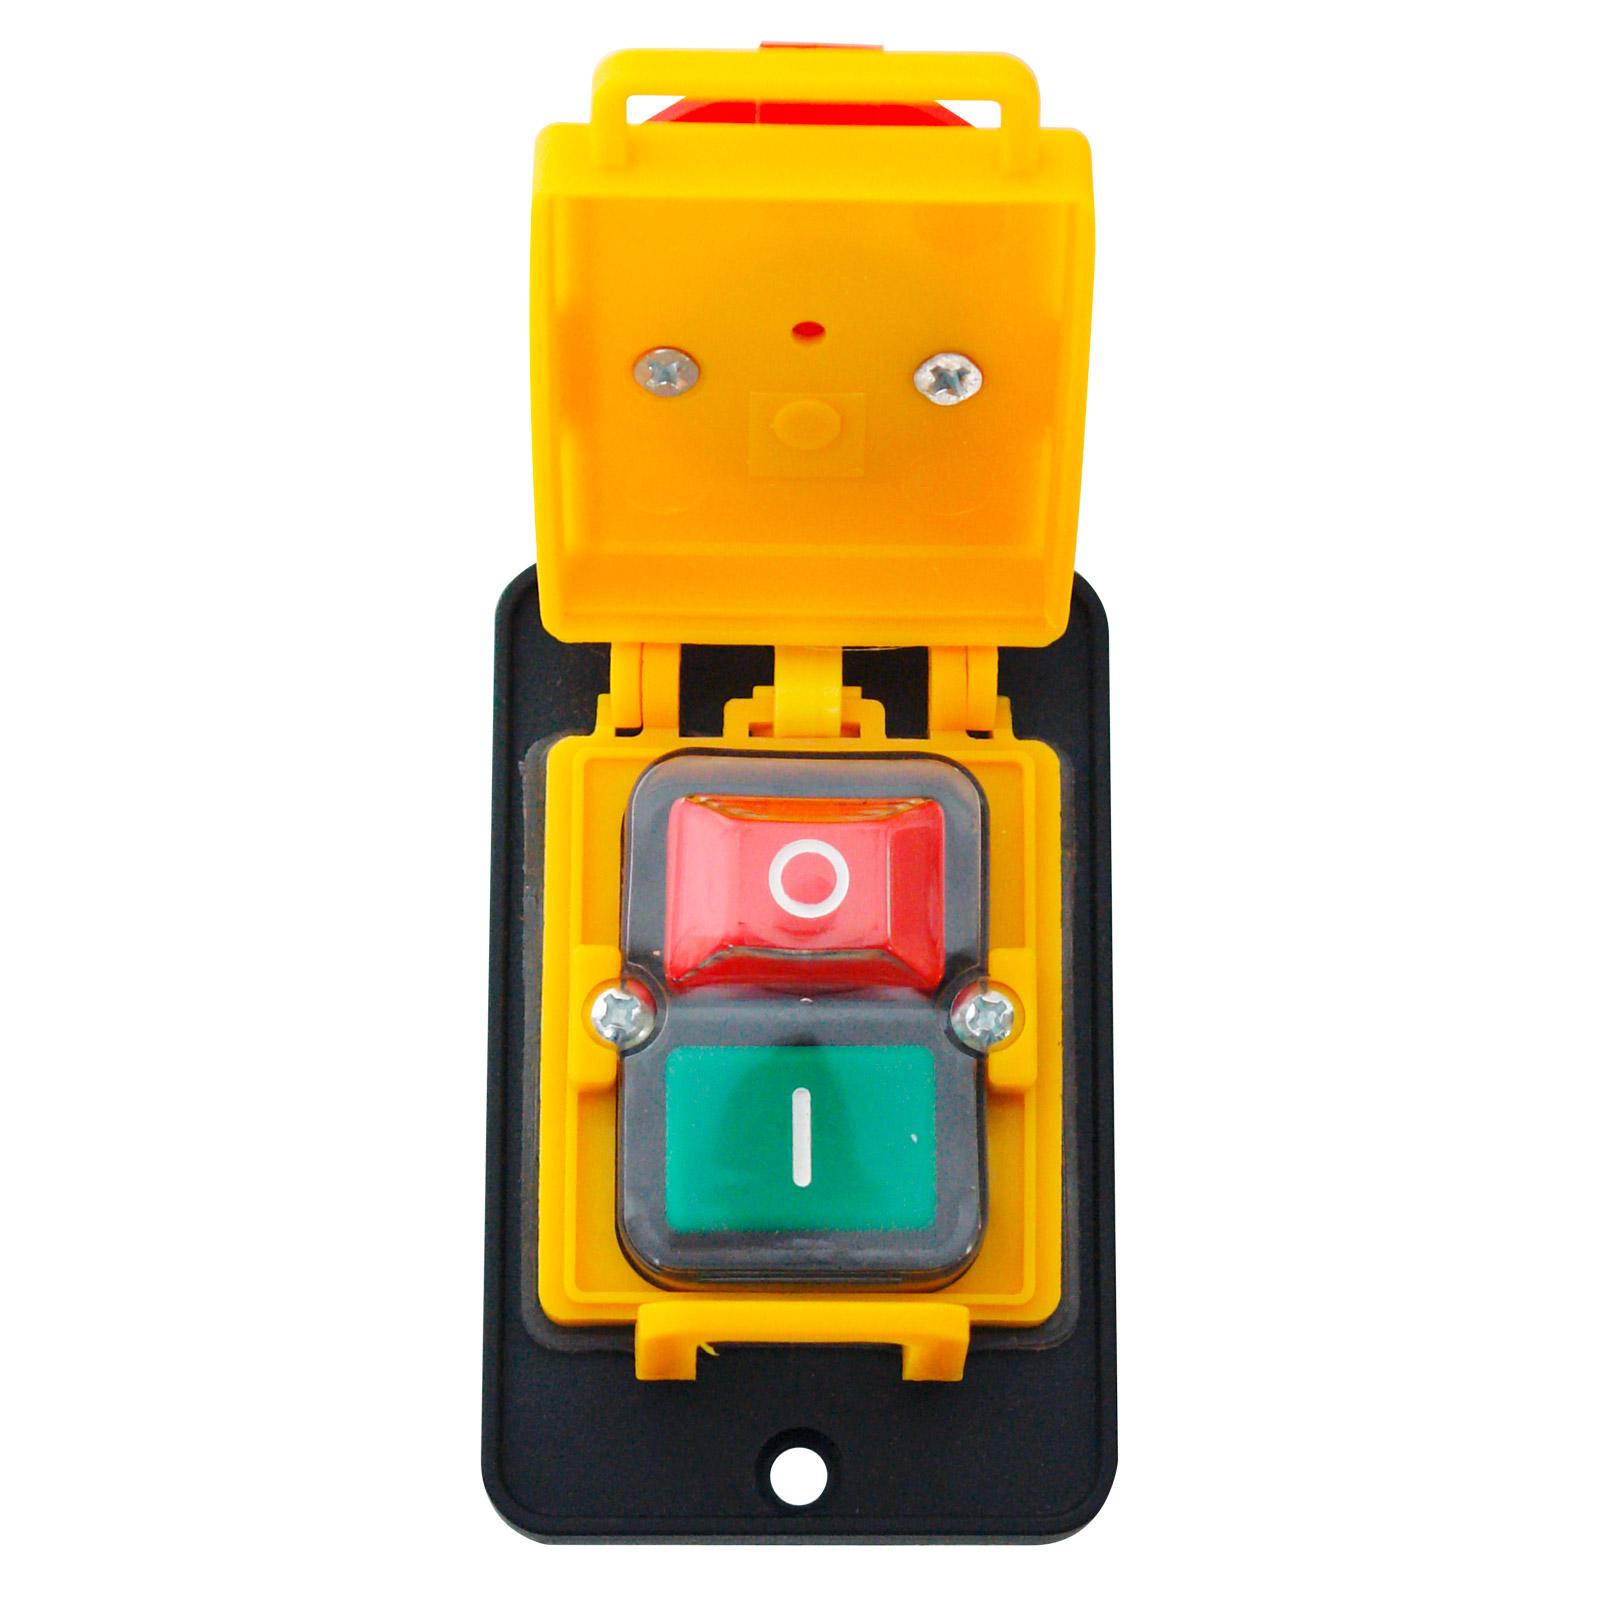 911707-Hauptschalter-1-phasig-NOTAUS-Maschinenschalter-Schalter